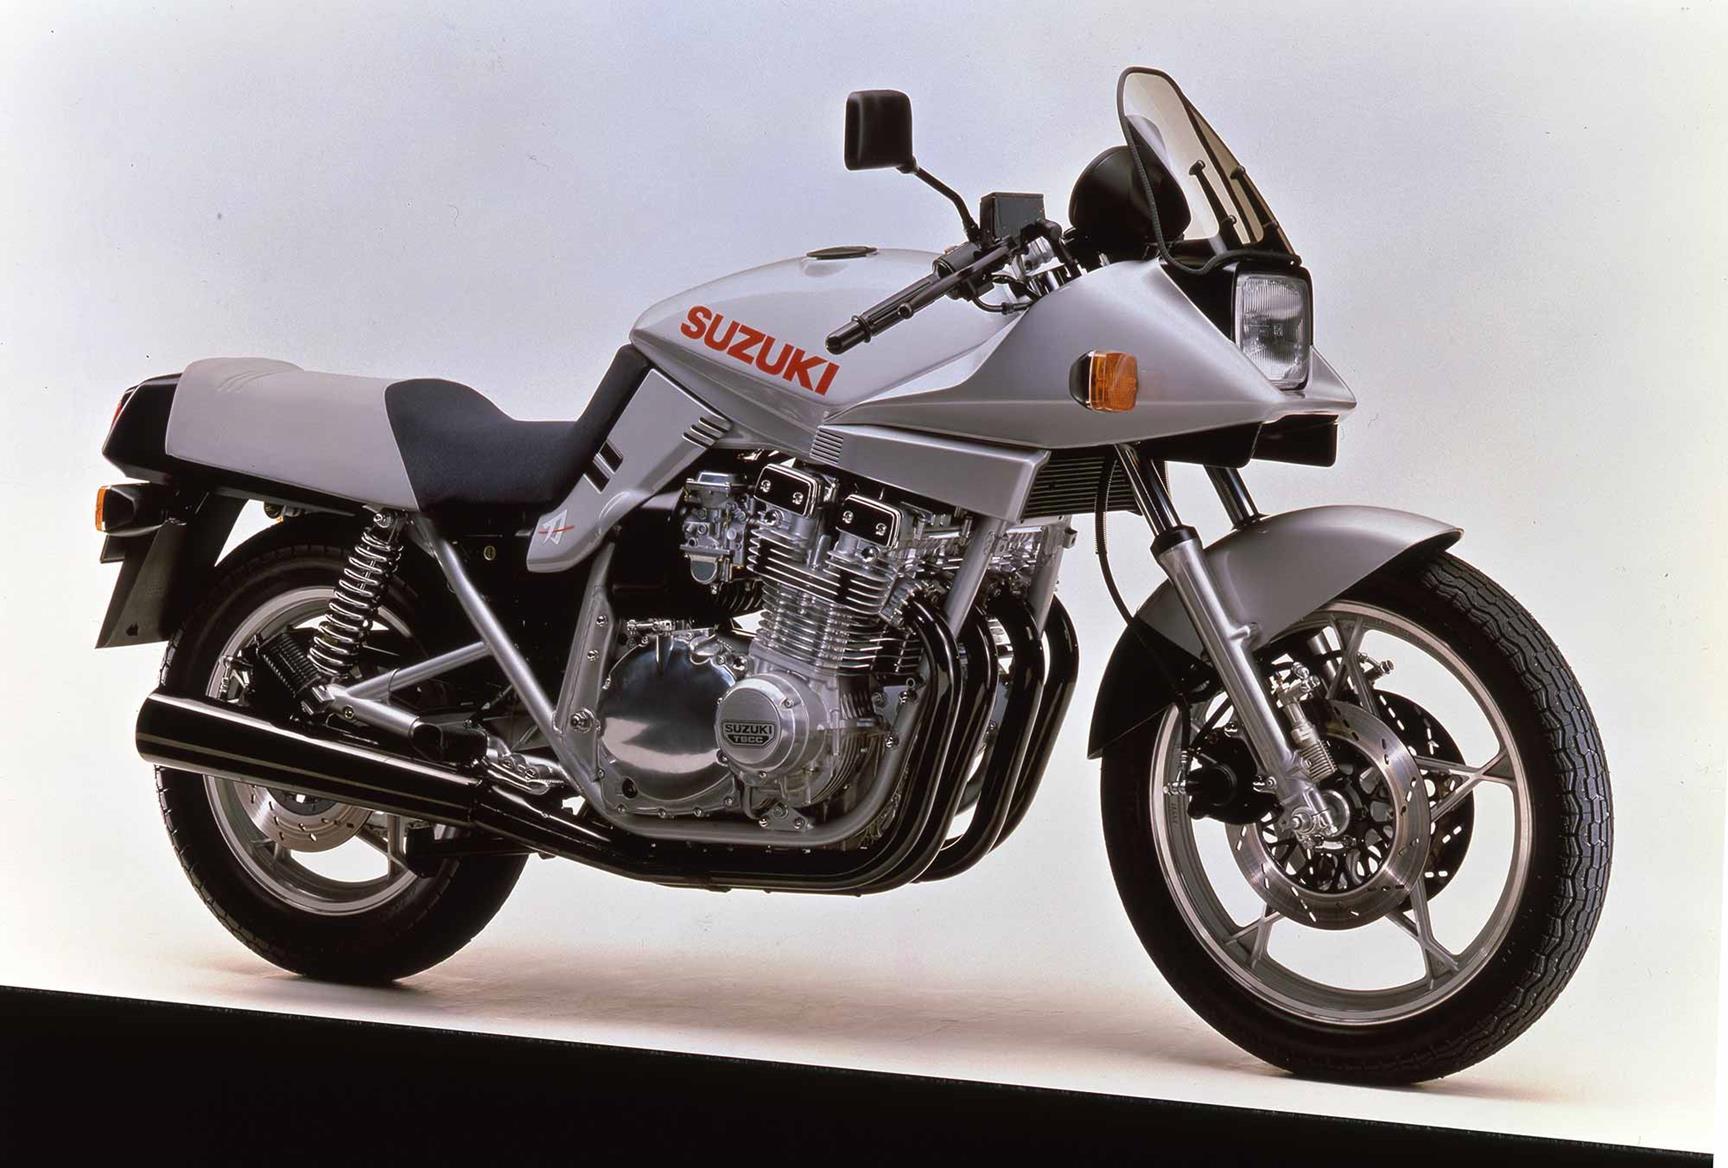 A 1981 Suzuki GSX1100S Katana